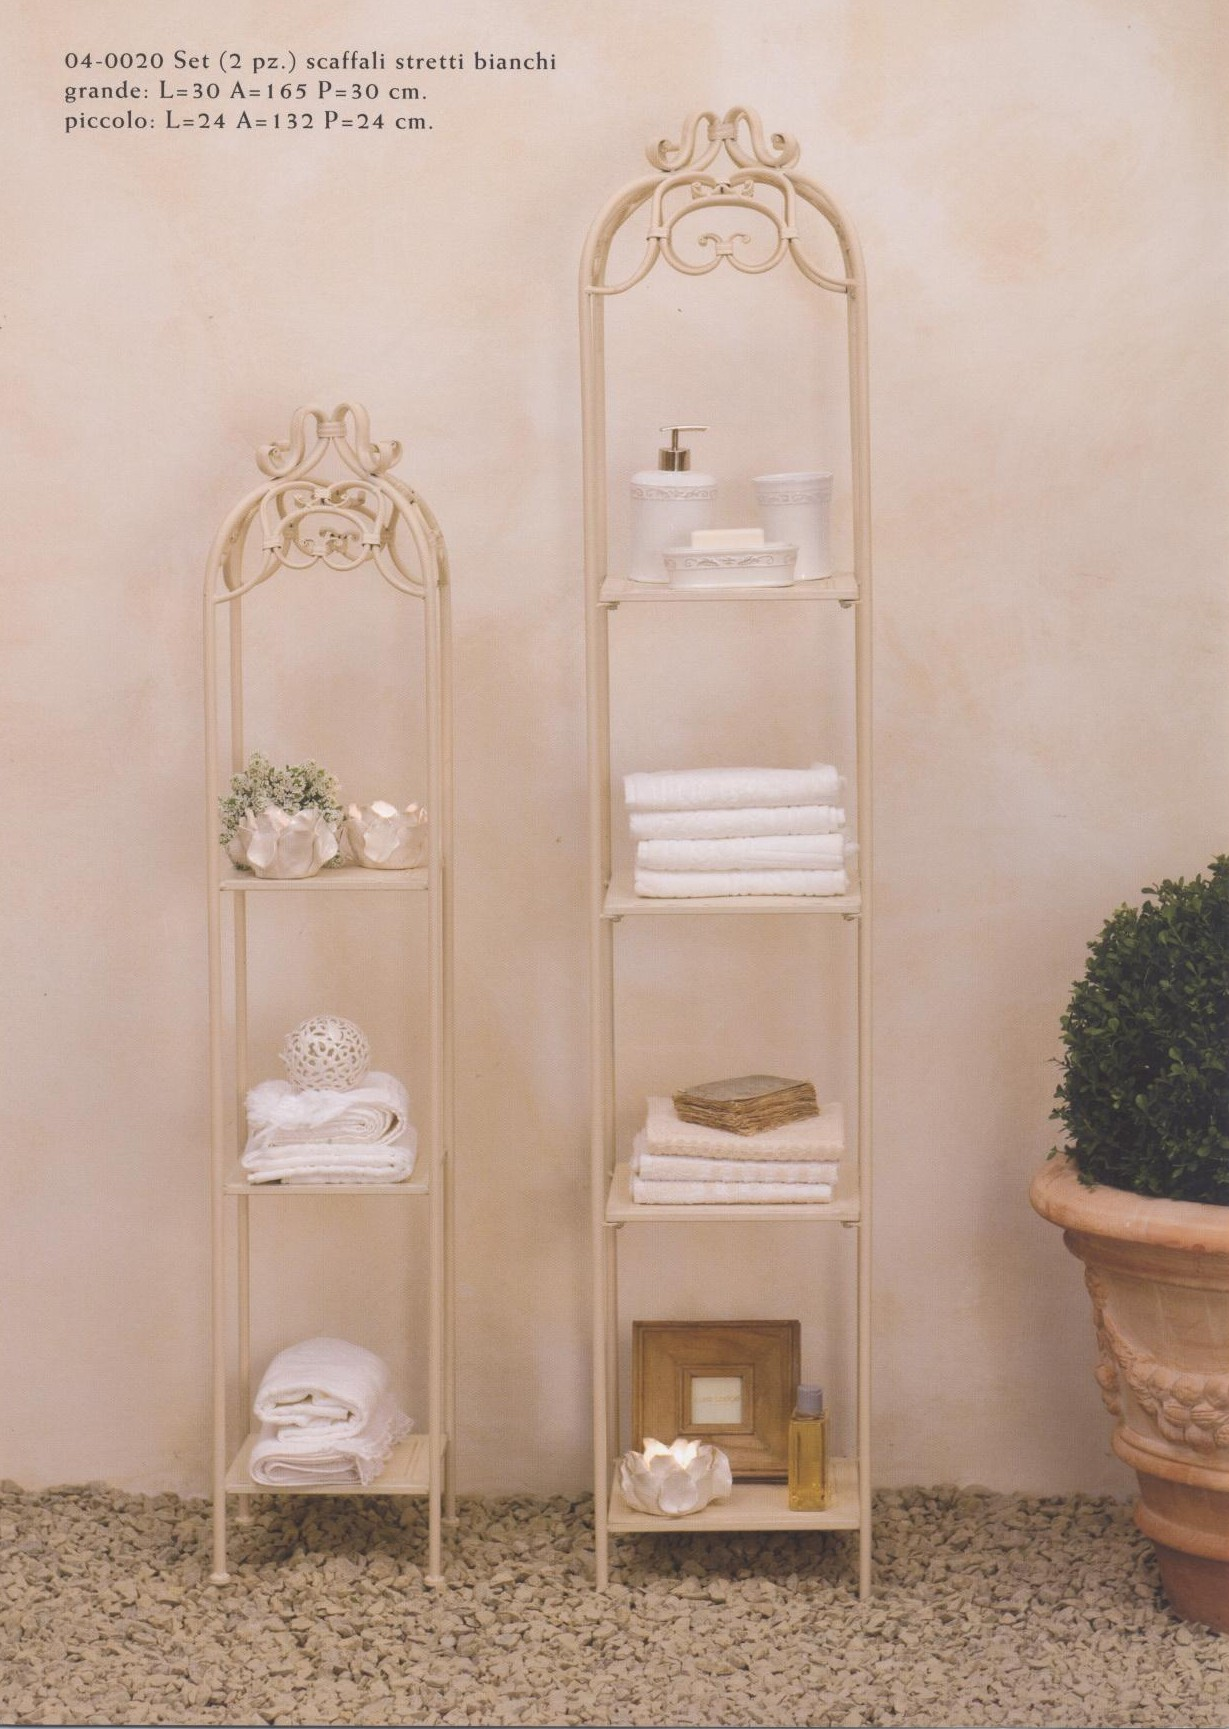 Mobiletti e accessori bagno in ferro battuto Hancock - Luxe Lodge